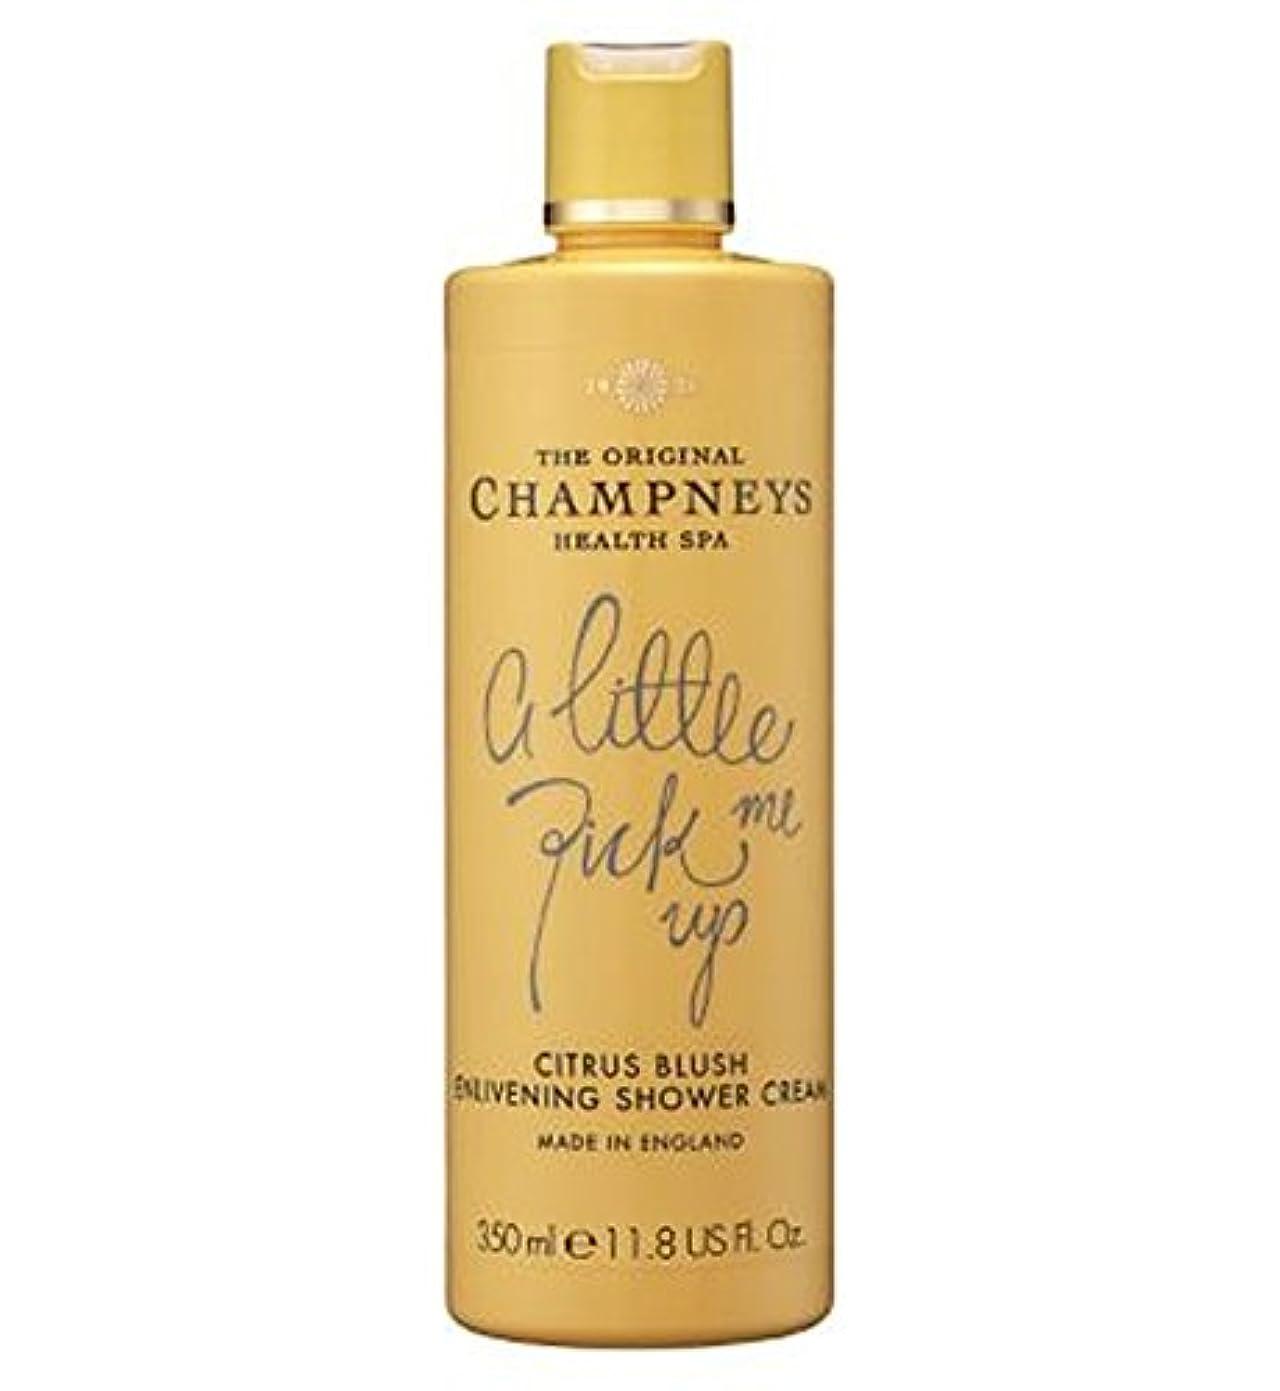 メディカル判定ソロチャンプニーズシトラス赤面盛り上げシャワークリーム350ミリリットル (Champneys) (x2) - Champneys Citrus Blush Enlivening Shower Cream 350ml (Pack...